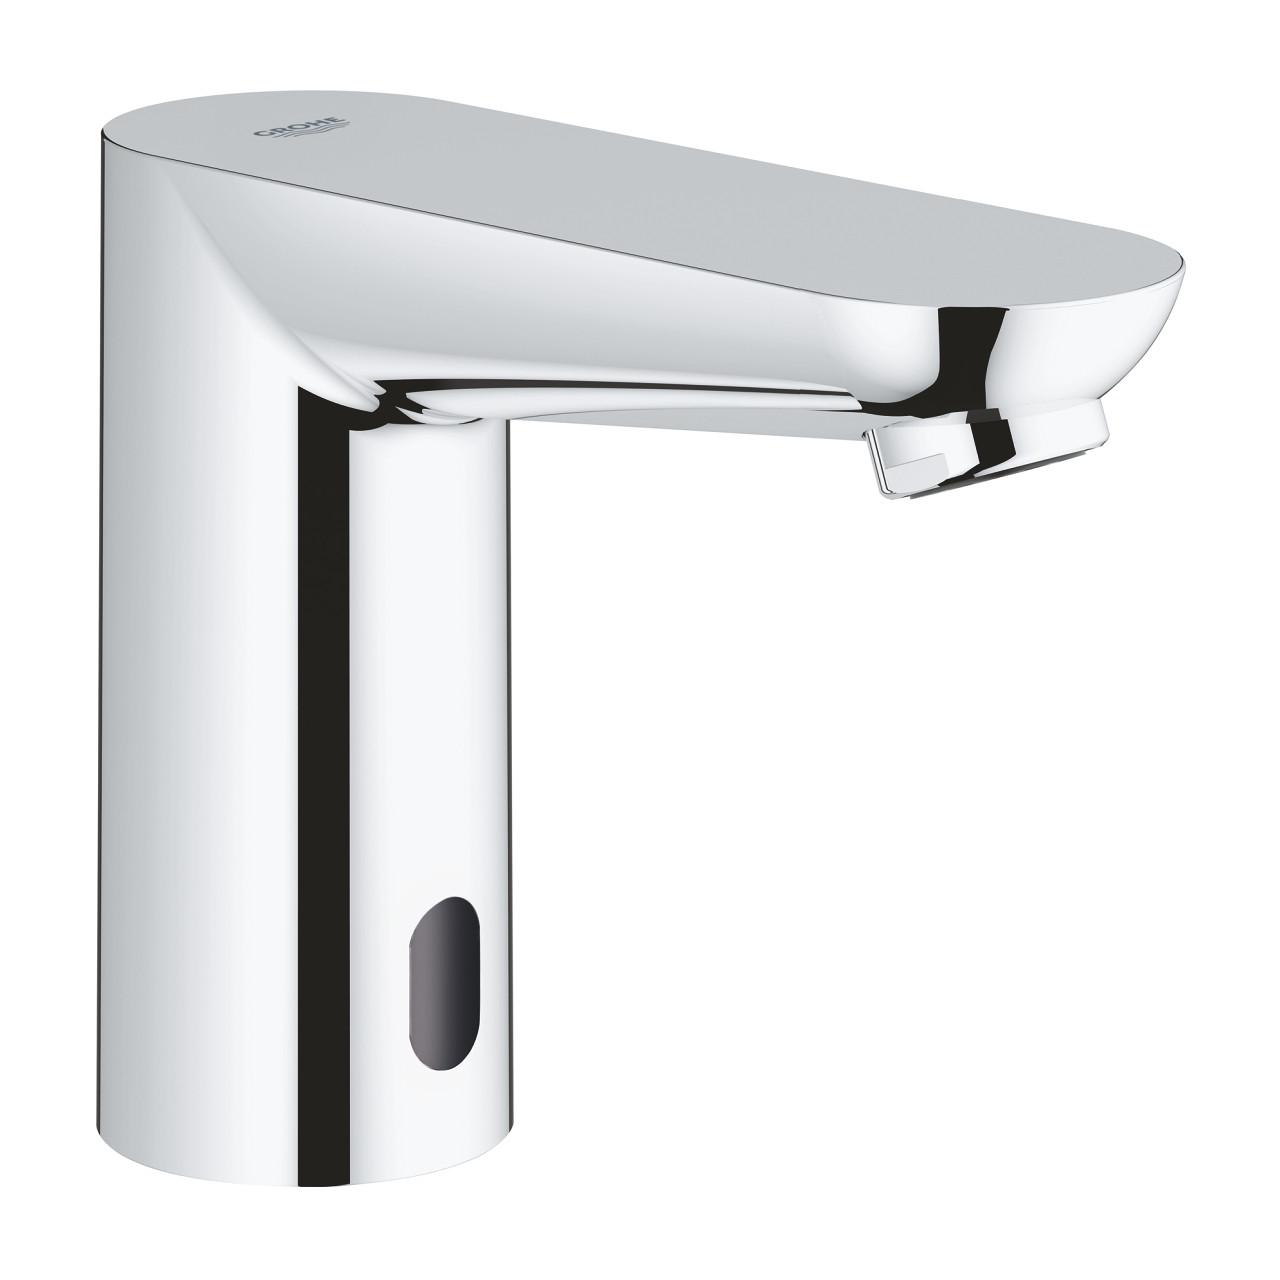 Смеситель для раковины Grohe Euroeco Cosmopolitan E 36271000 бесконтактный, 6V (без функции смешивания воды)